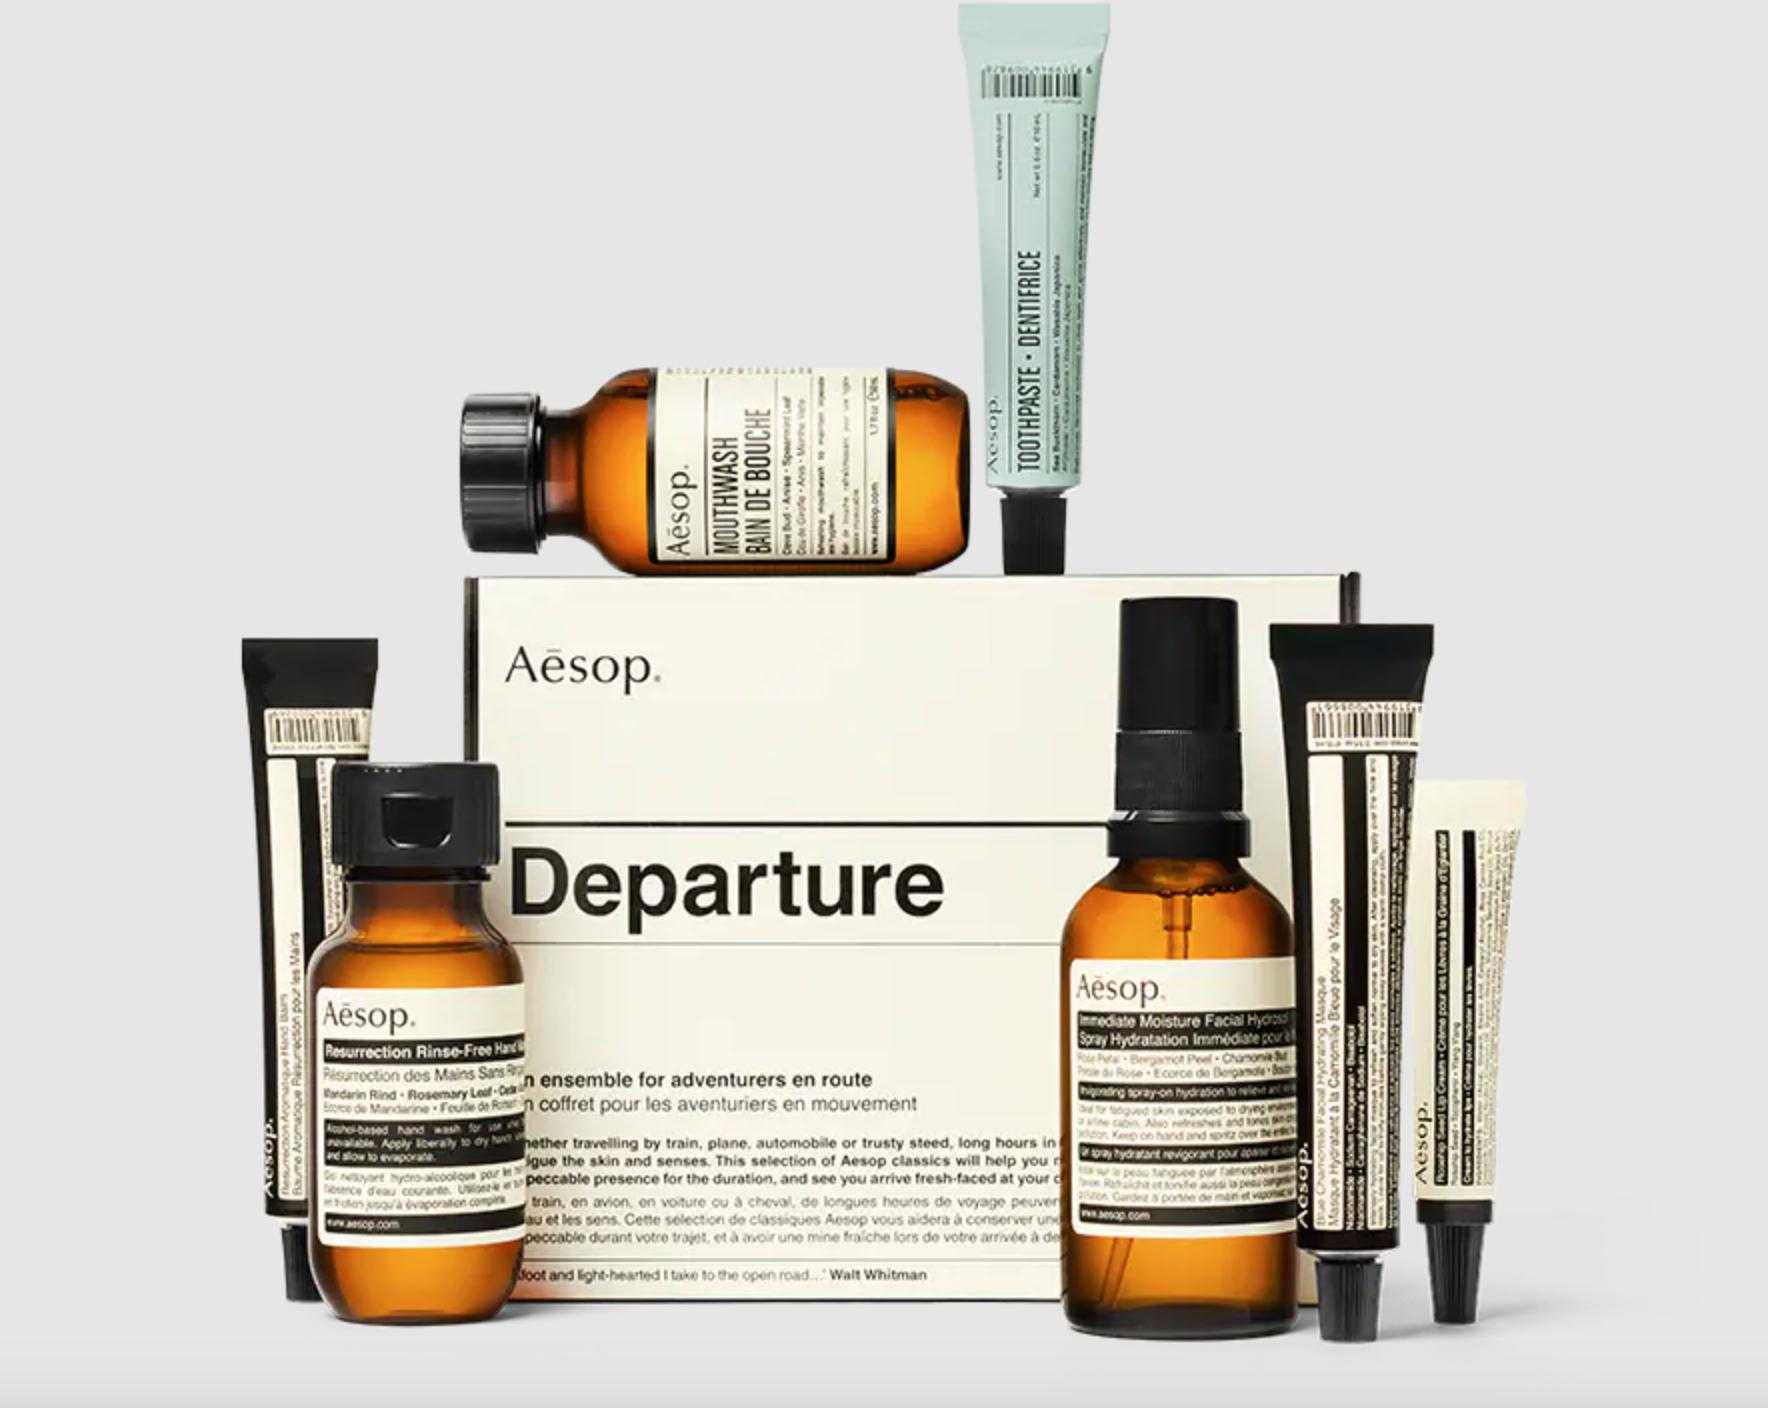 Aesop Travel Kit